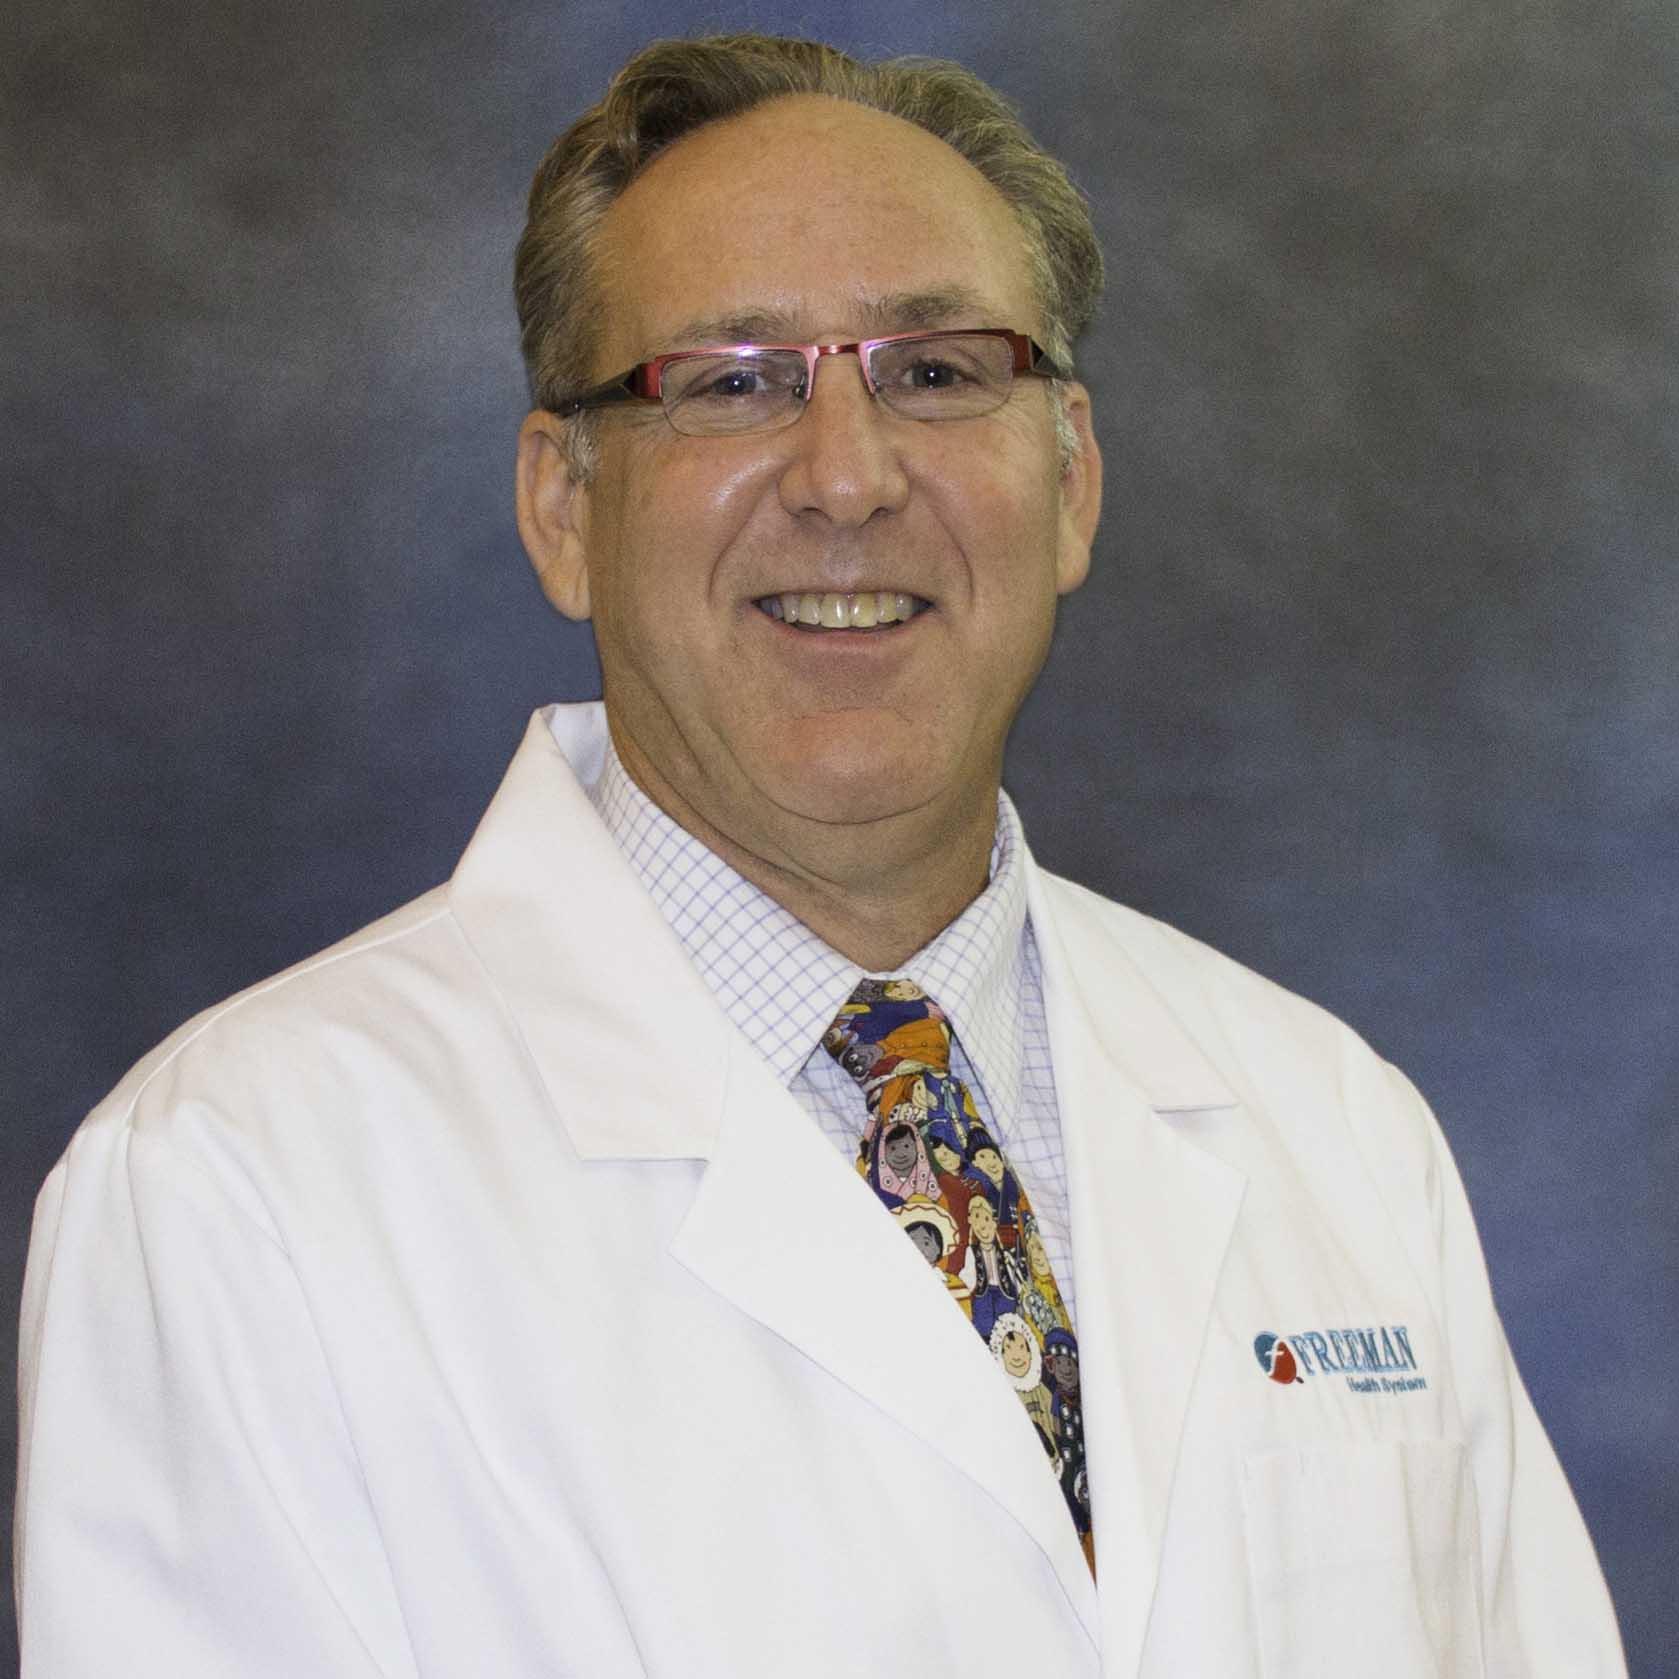 Joseph A. Newman, MD